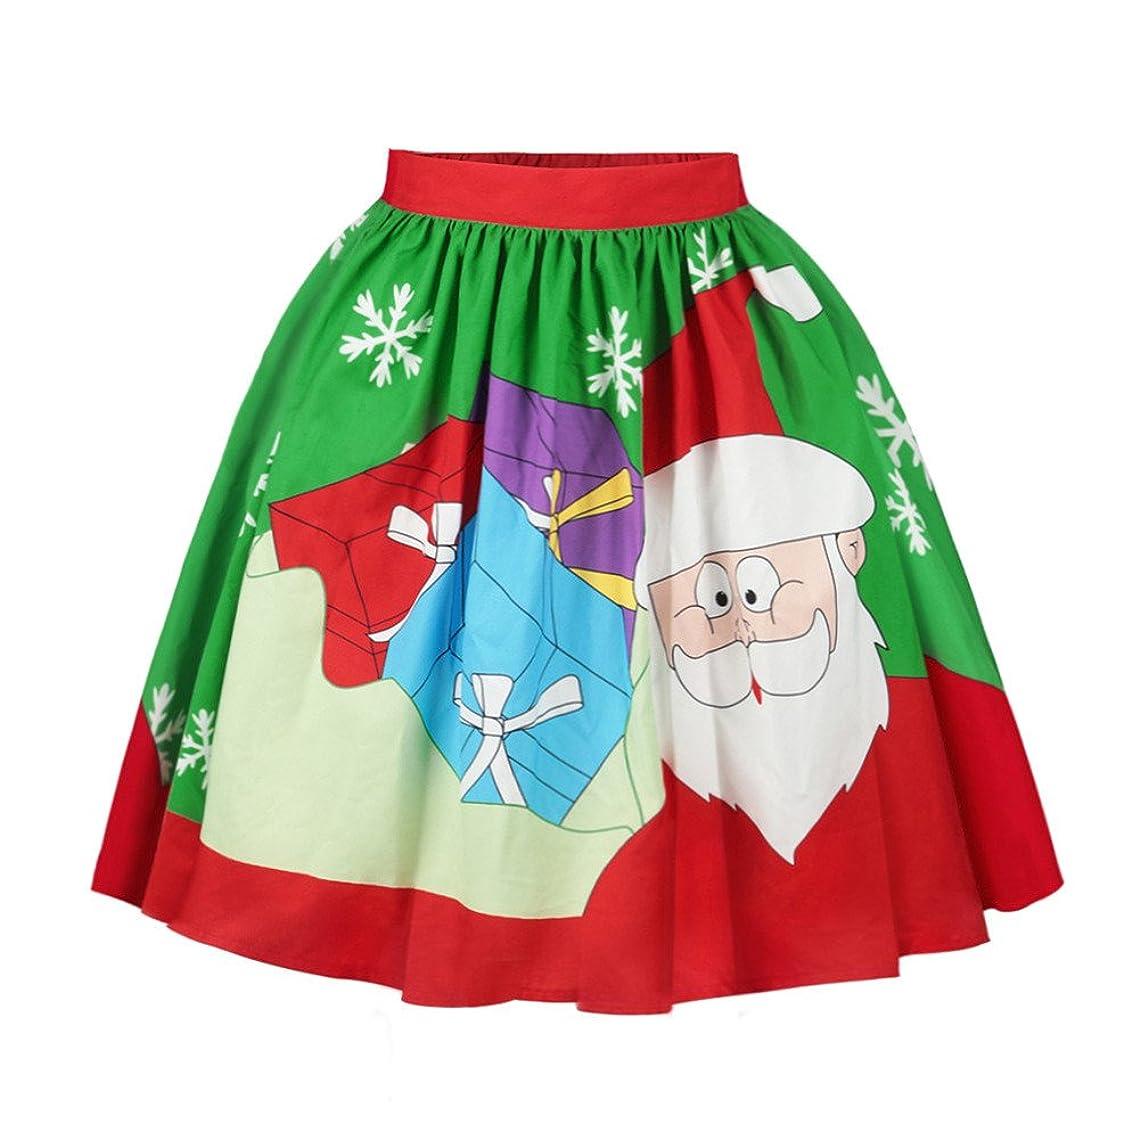 ピザどこか長方形LORCOO クリスマスツリー スカート ツリー下用 カーペット敷物 飾りツリー サンタクロースツリースカート クリスマス飾り 円形 ツリースカート 直径78cm